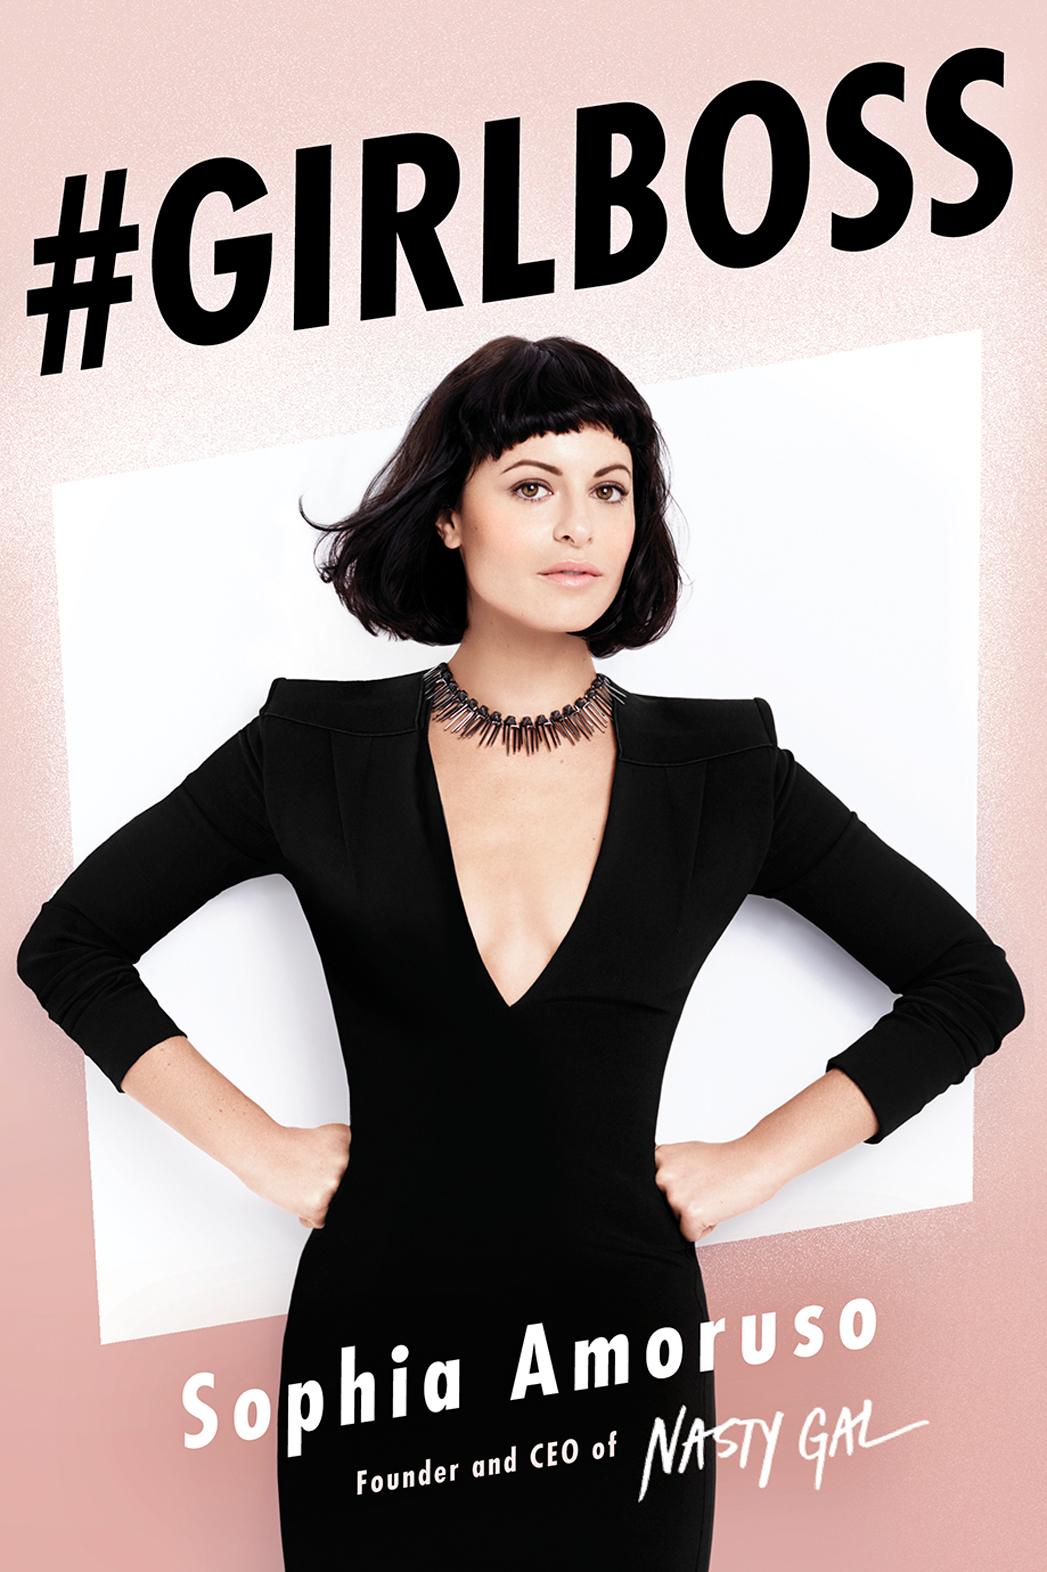 girlboss-book-cover